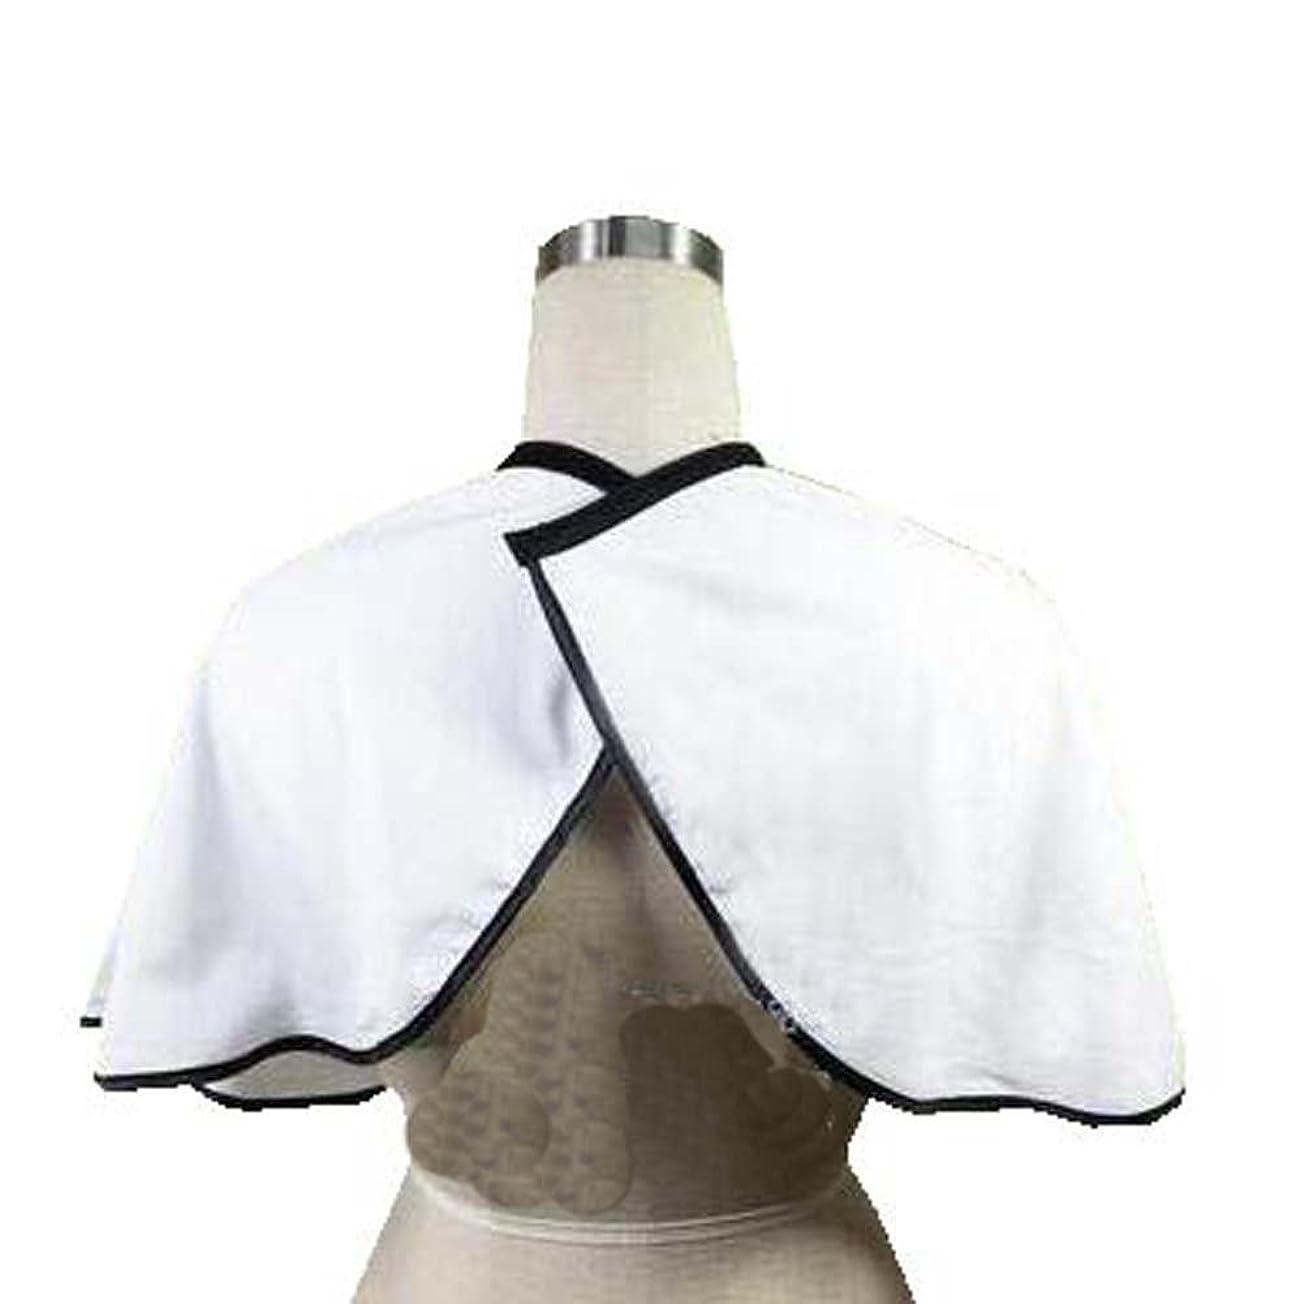 粉砕するシロクマ融合クライアントのためのヘアサロンのスモック、プロのサロンクライアントのガウンの短い布